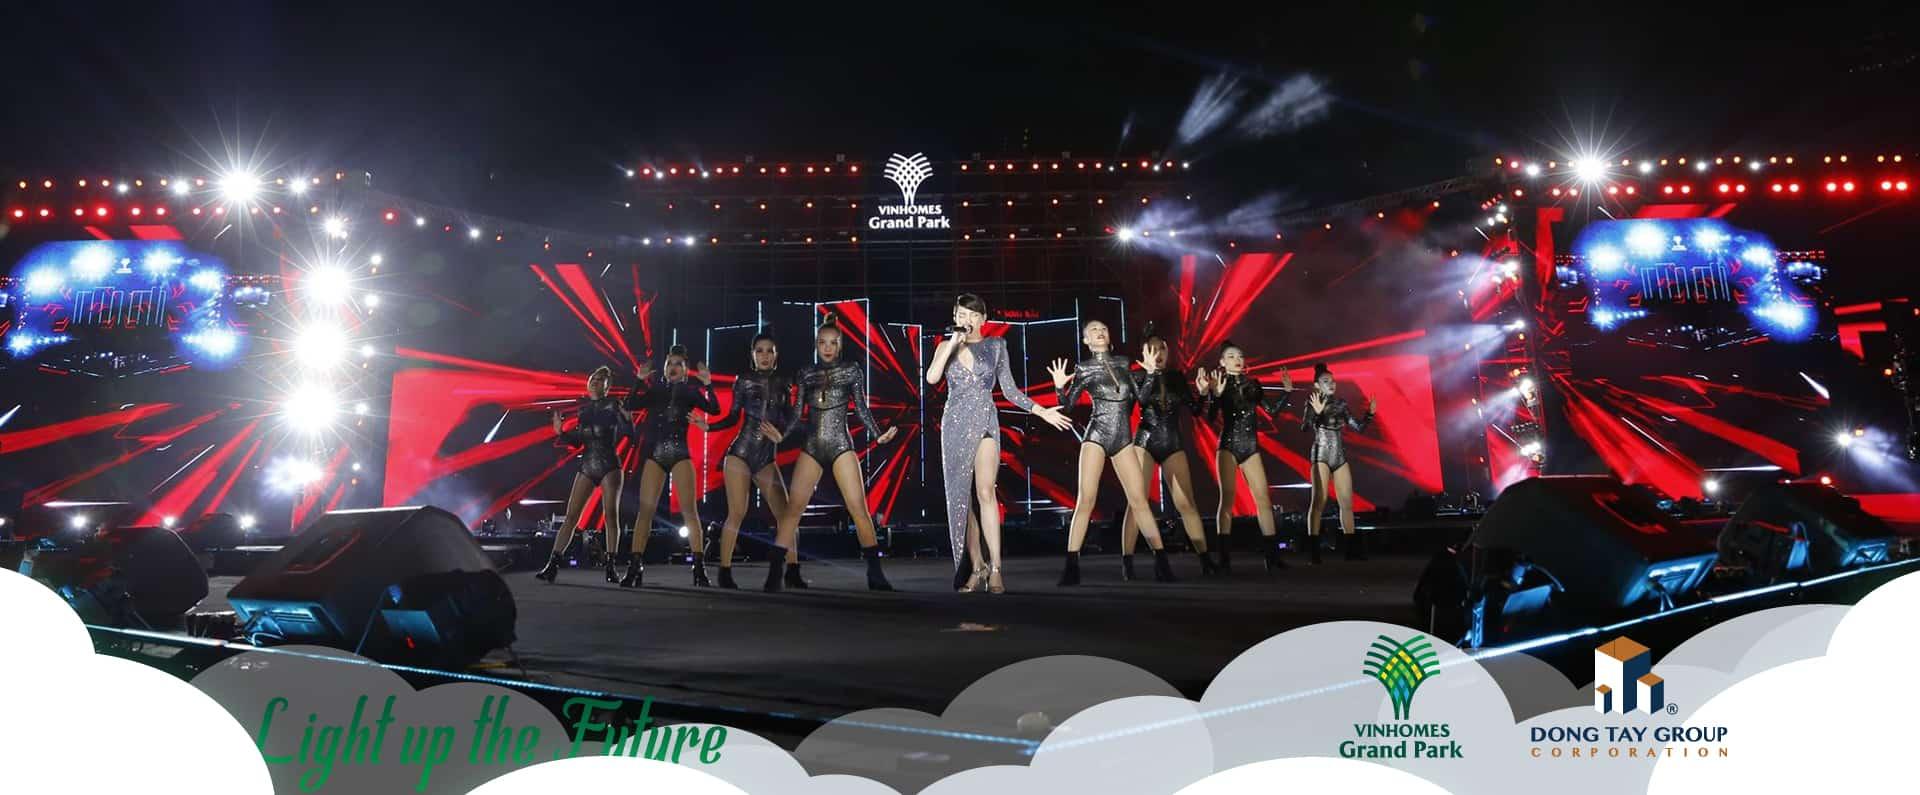 """Bùng nổ cảm xúc cùng Ngày hội """"Đại đô thị đẳng cấp Singapore"""" Vinhomes Grand Park – Light up the future 3"""